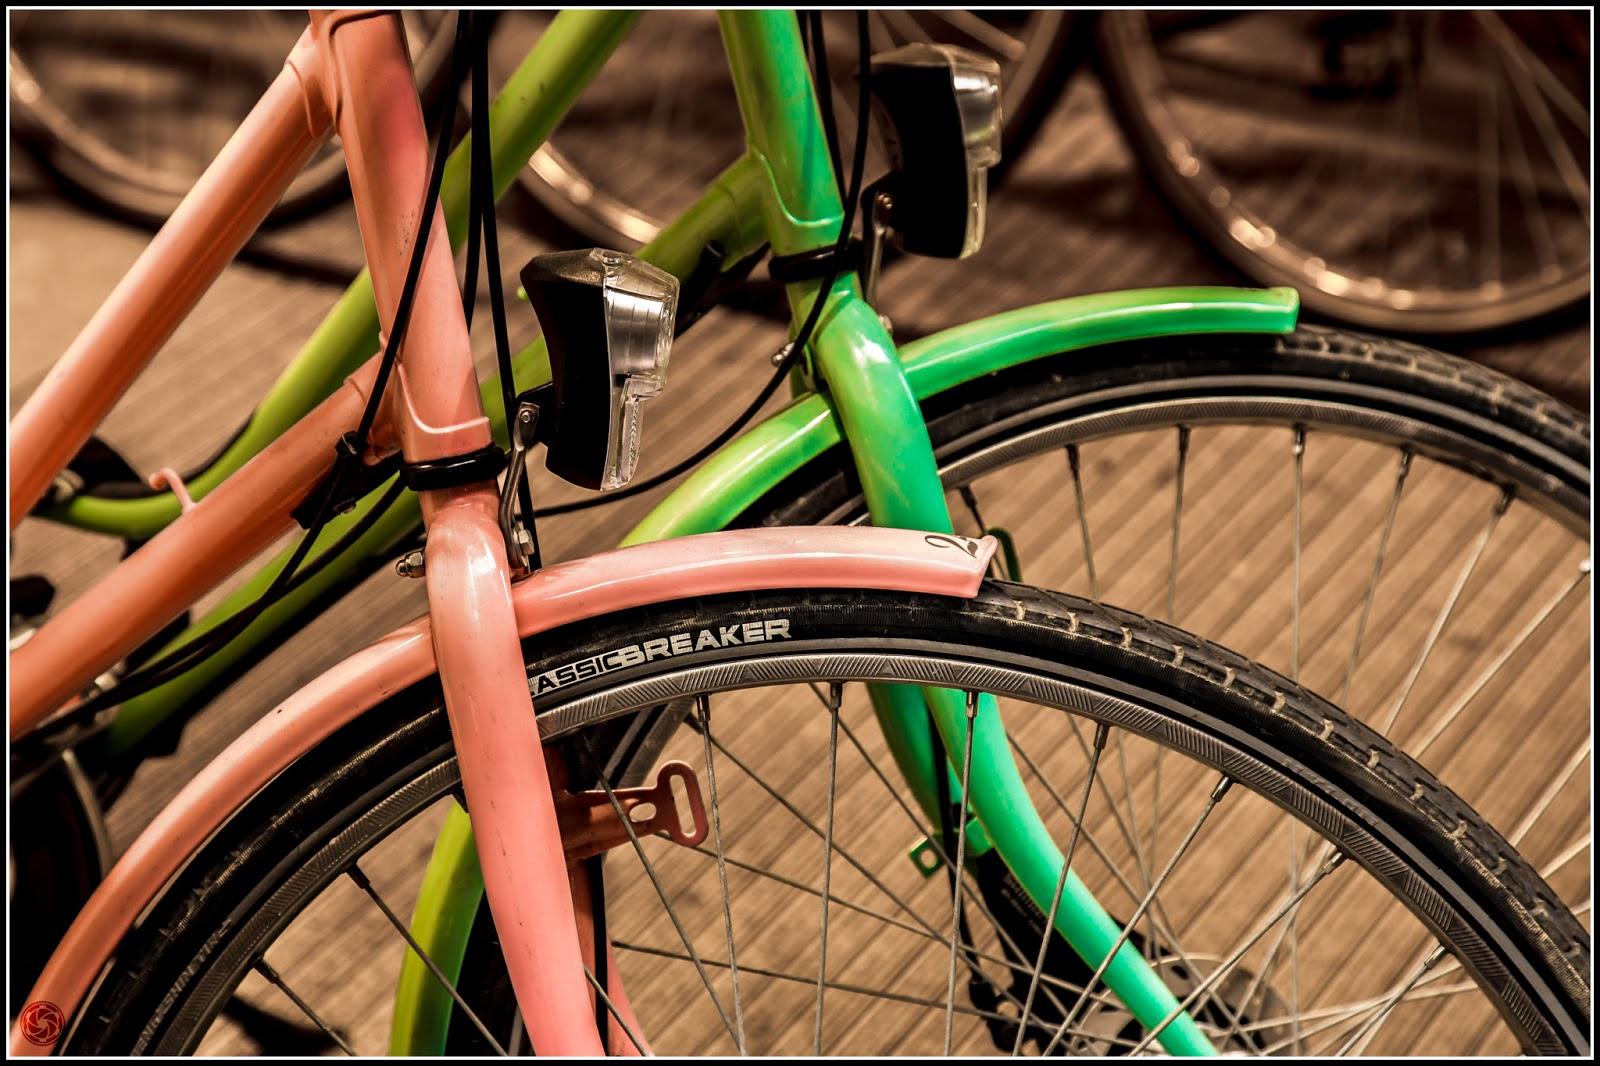 Bicicletas cursis: Canon EOS 5D Mark III | ISO800 | Canon 24-105@85mm | f/5.6 | 1/60s